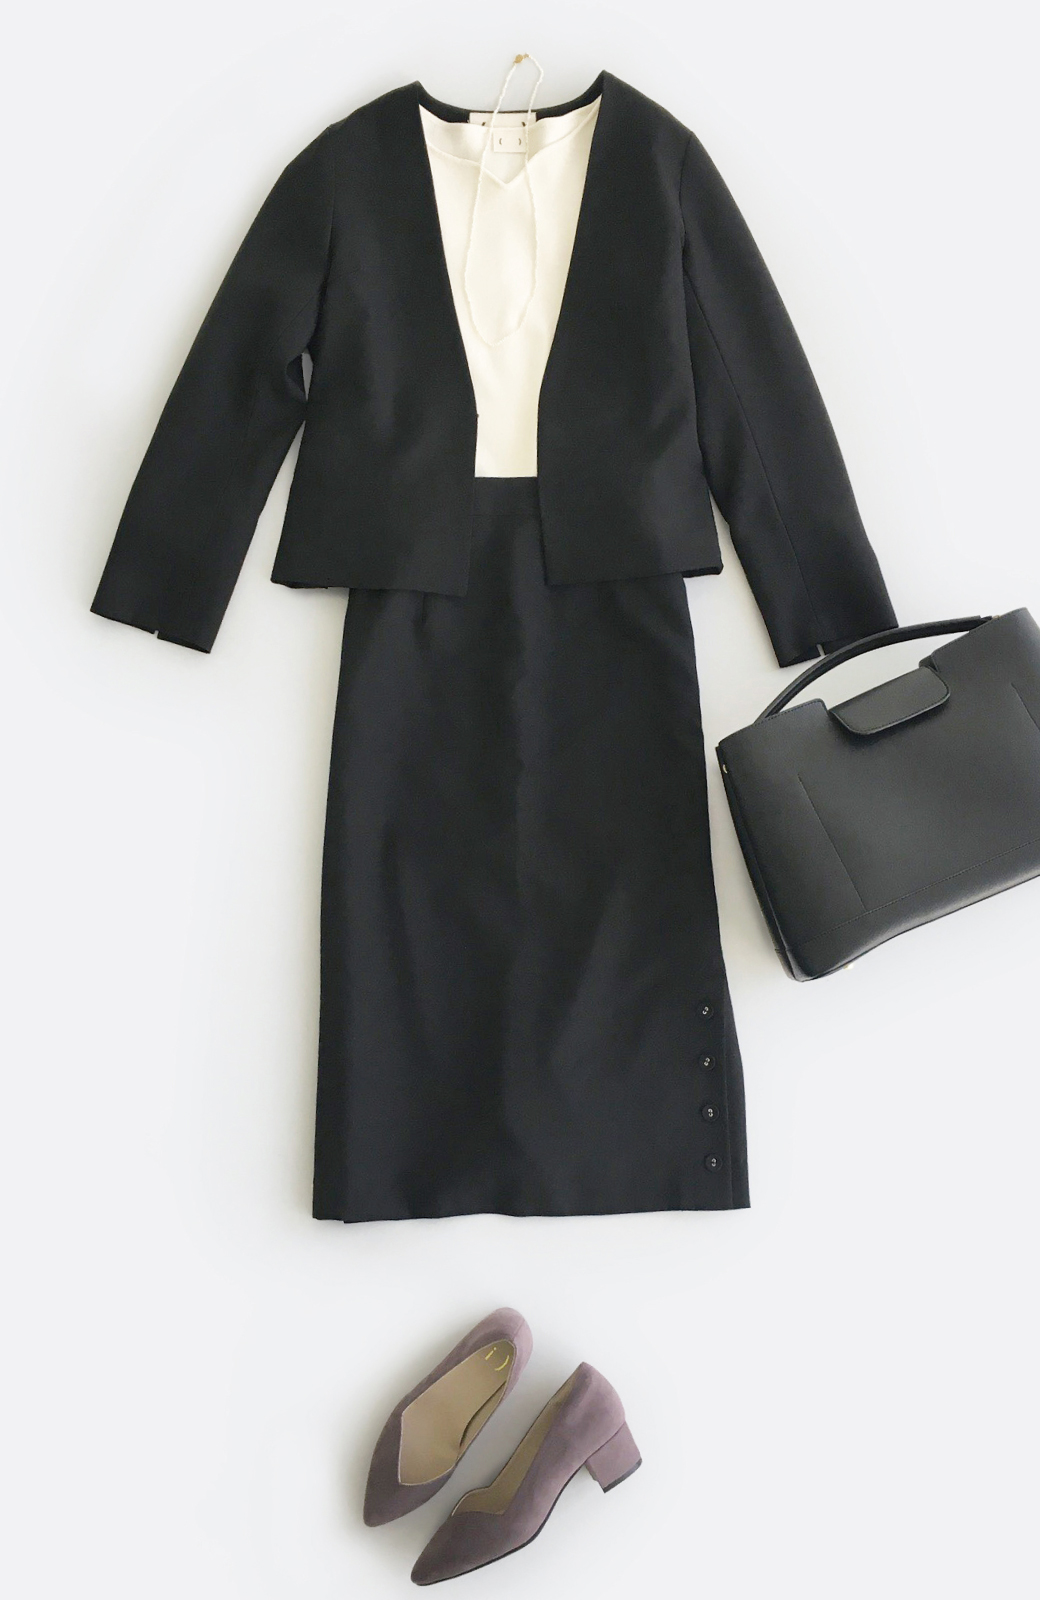 haco! 持っていると便利な野暮ったくならないフォーマルジャケット・スカートの2点セット <ブラック>の商品写真1